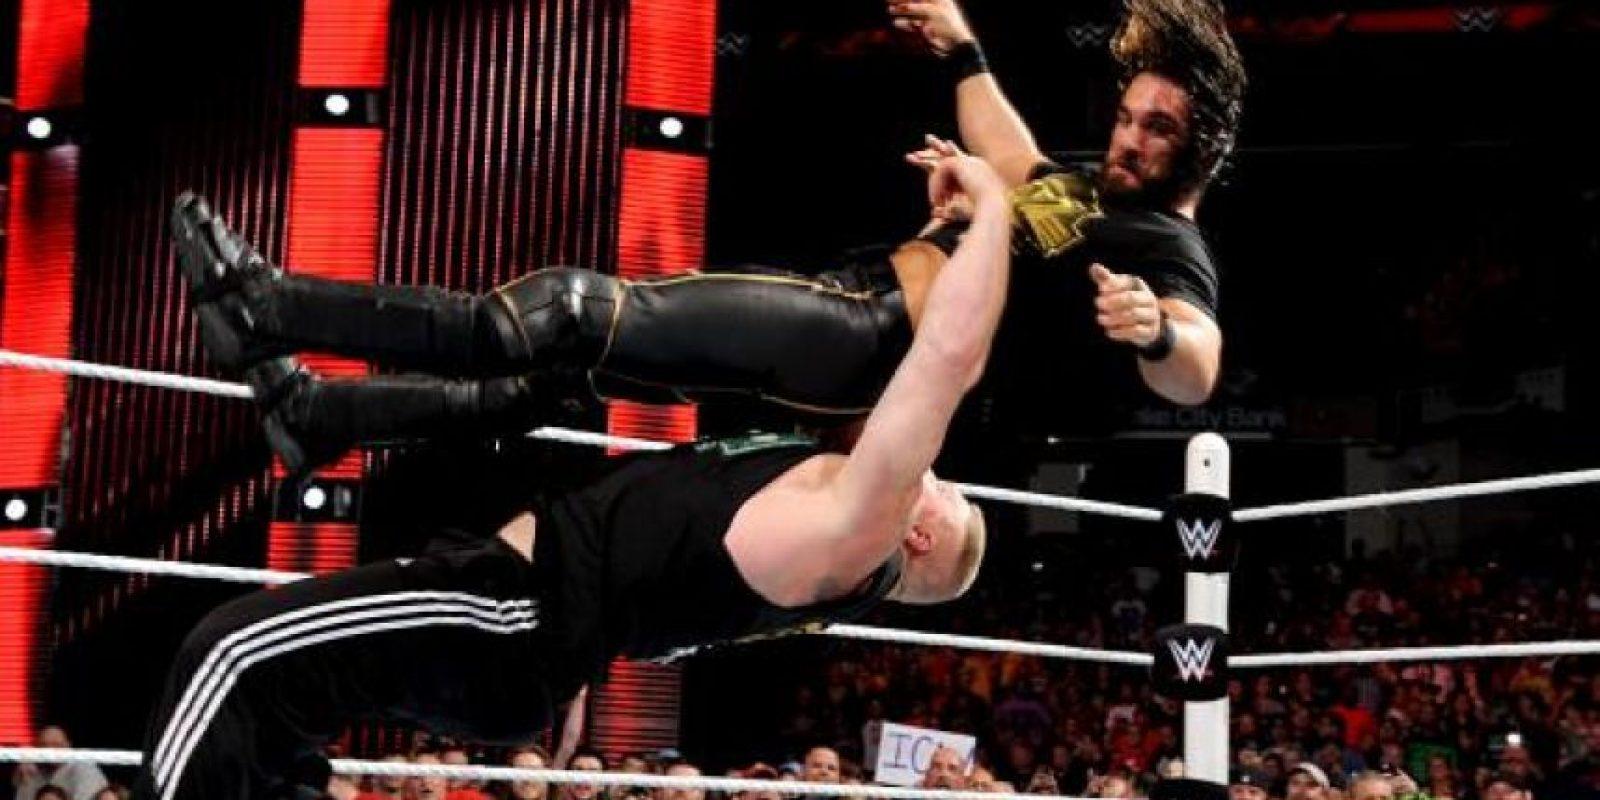 Se enfrentará con Rollins en Battleground, el próximo Pago Por Evento, que se llevará a cabo el próximo 19 de julio Foto:WWE